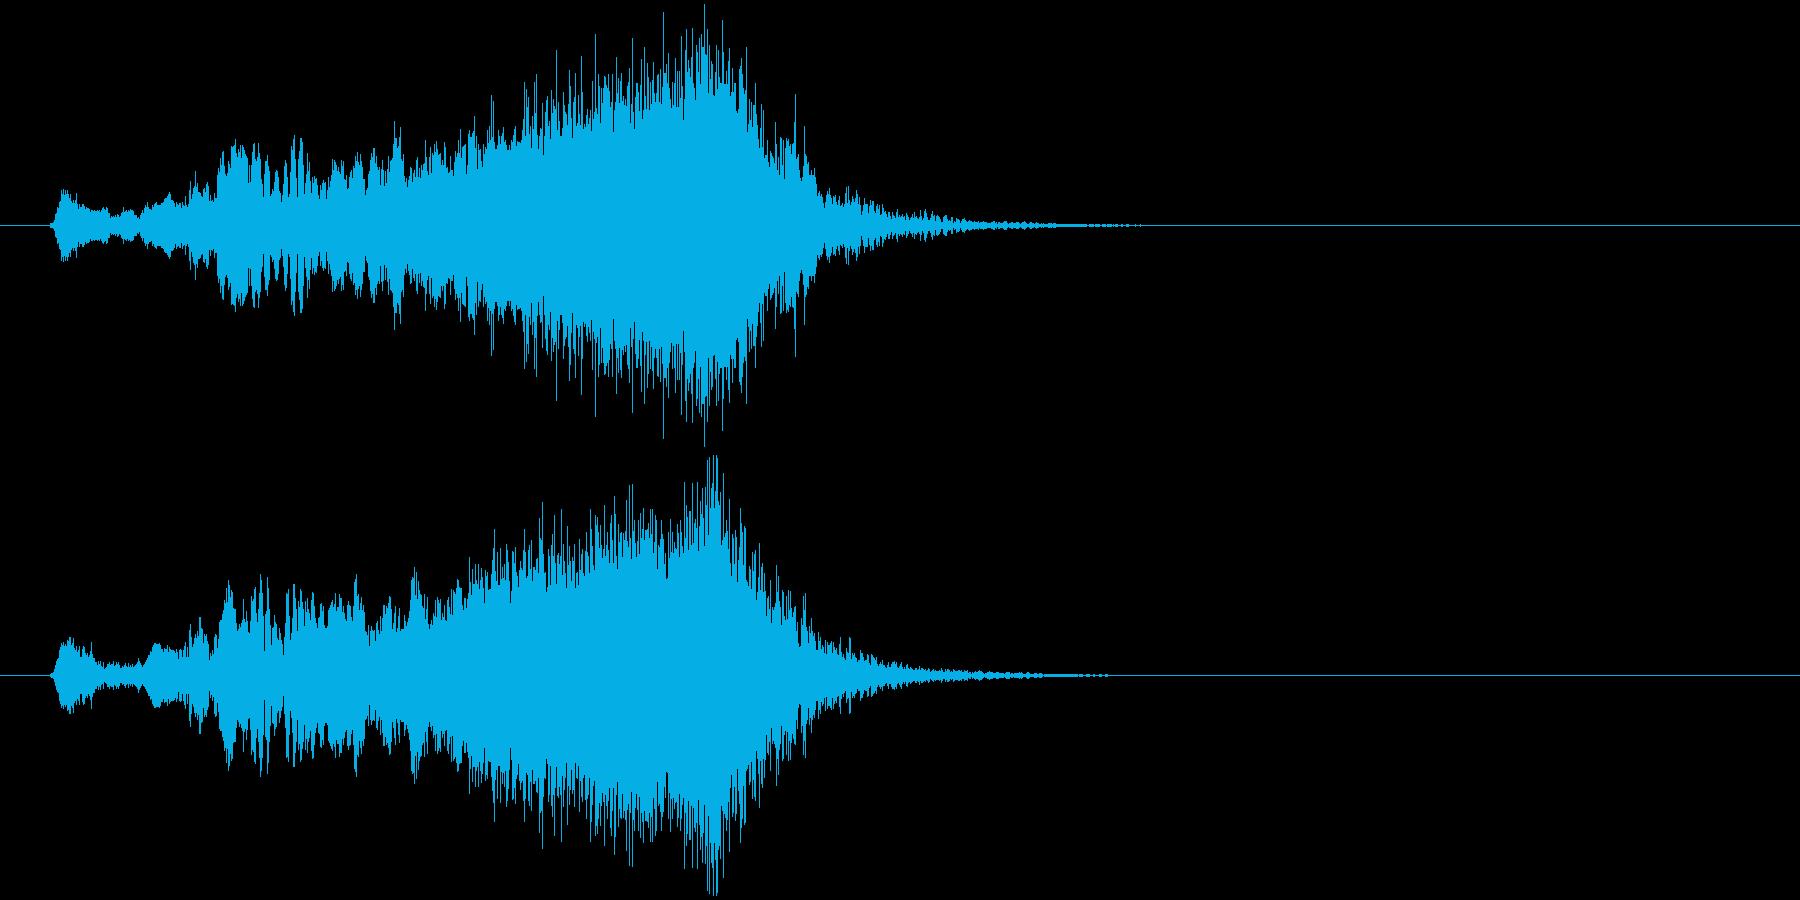 ジングル サウンドロゴ 8秒 尺八 和風の再生済みの波形